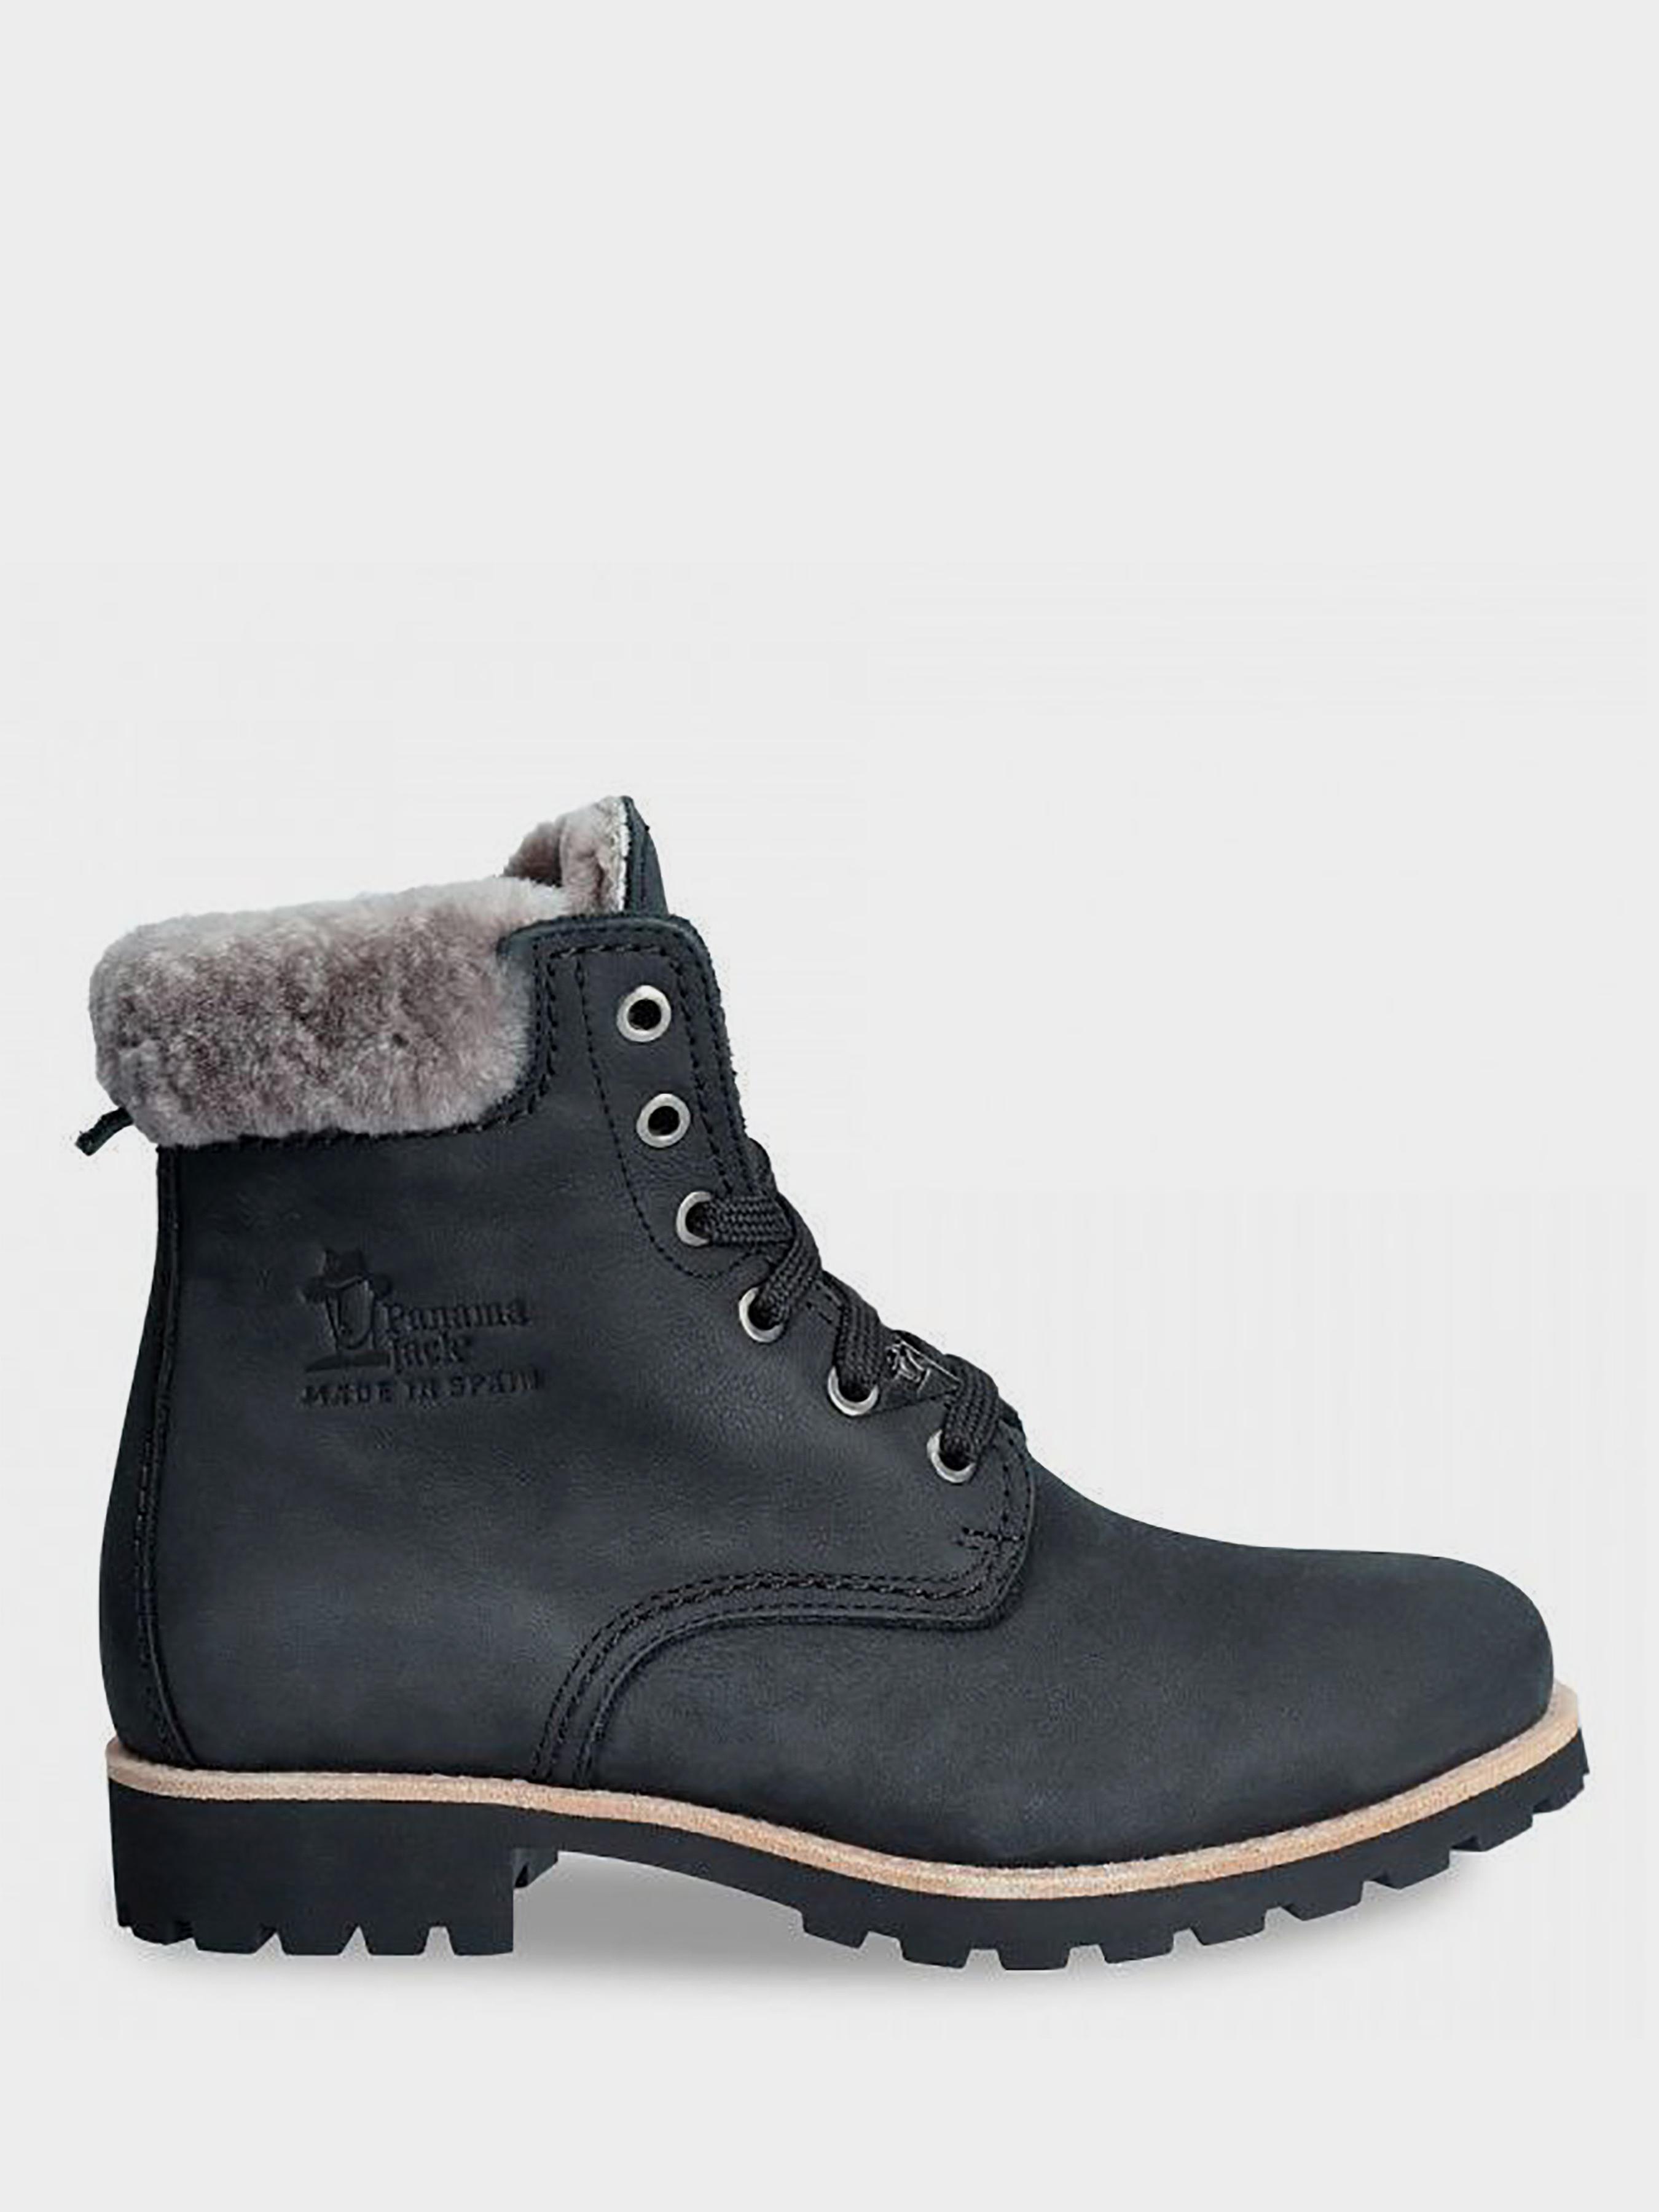 Купить Ботинки женские Panama Jack PW103, Коричневый